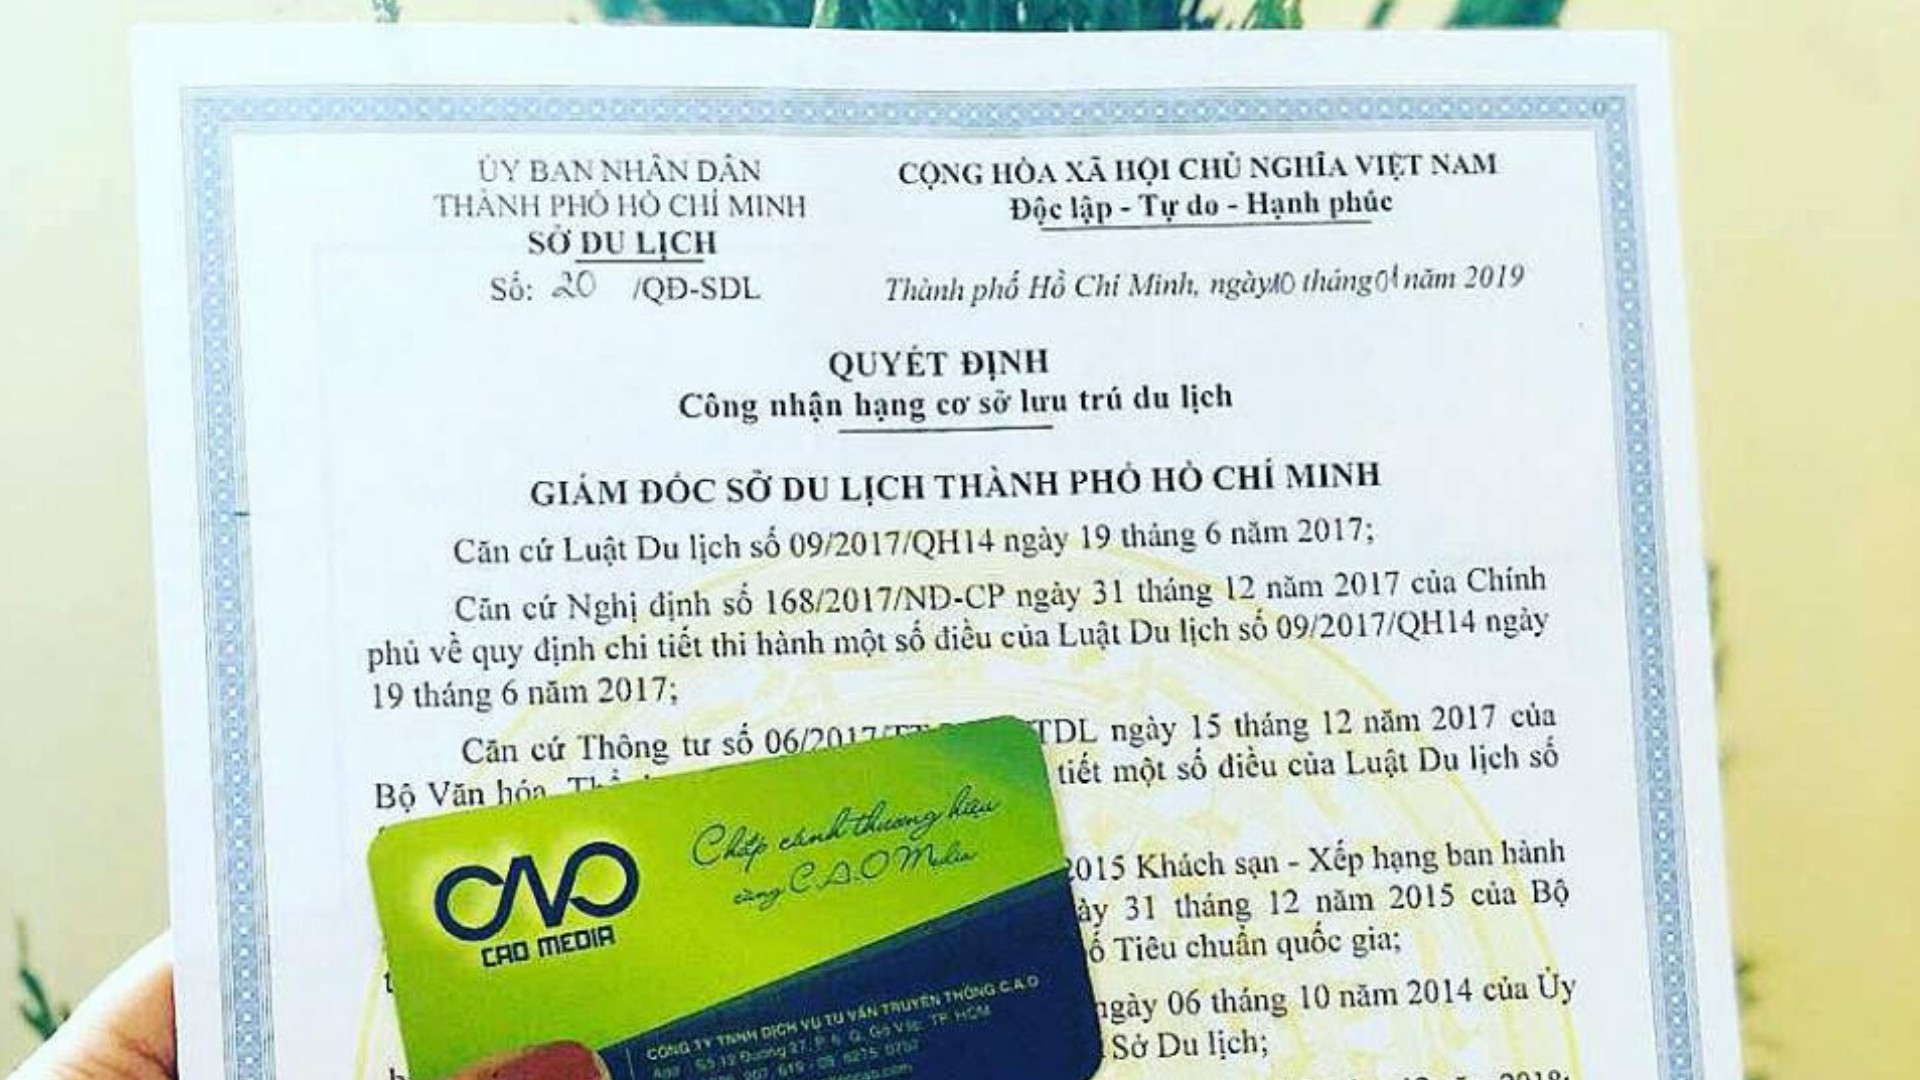 Cho thuê khách sạn ở Đà Nẵng